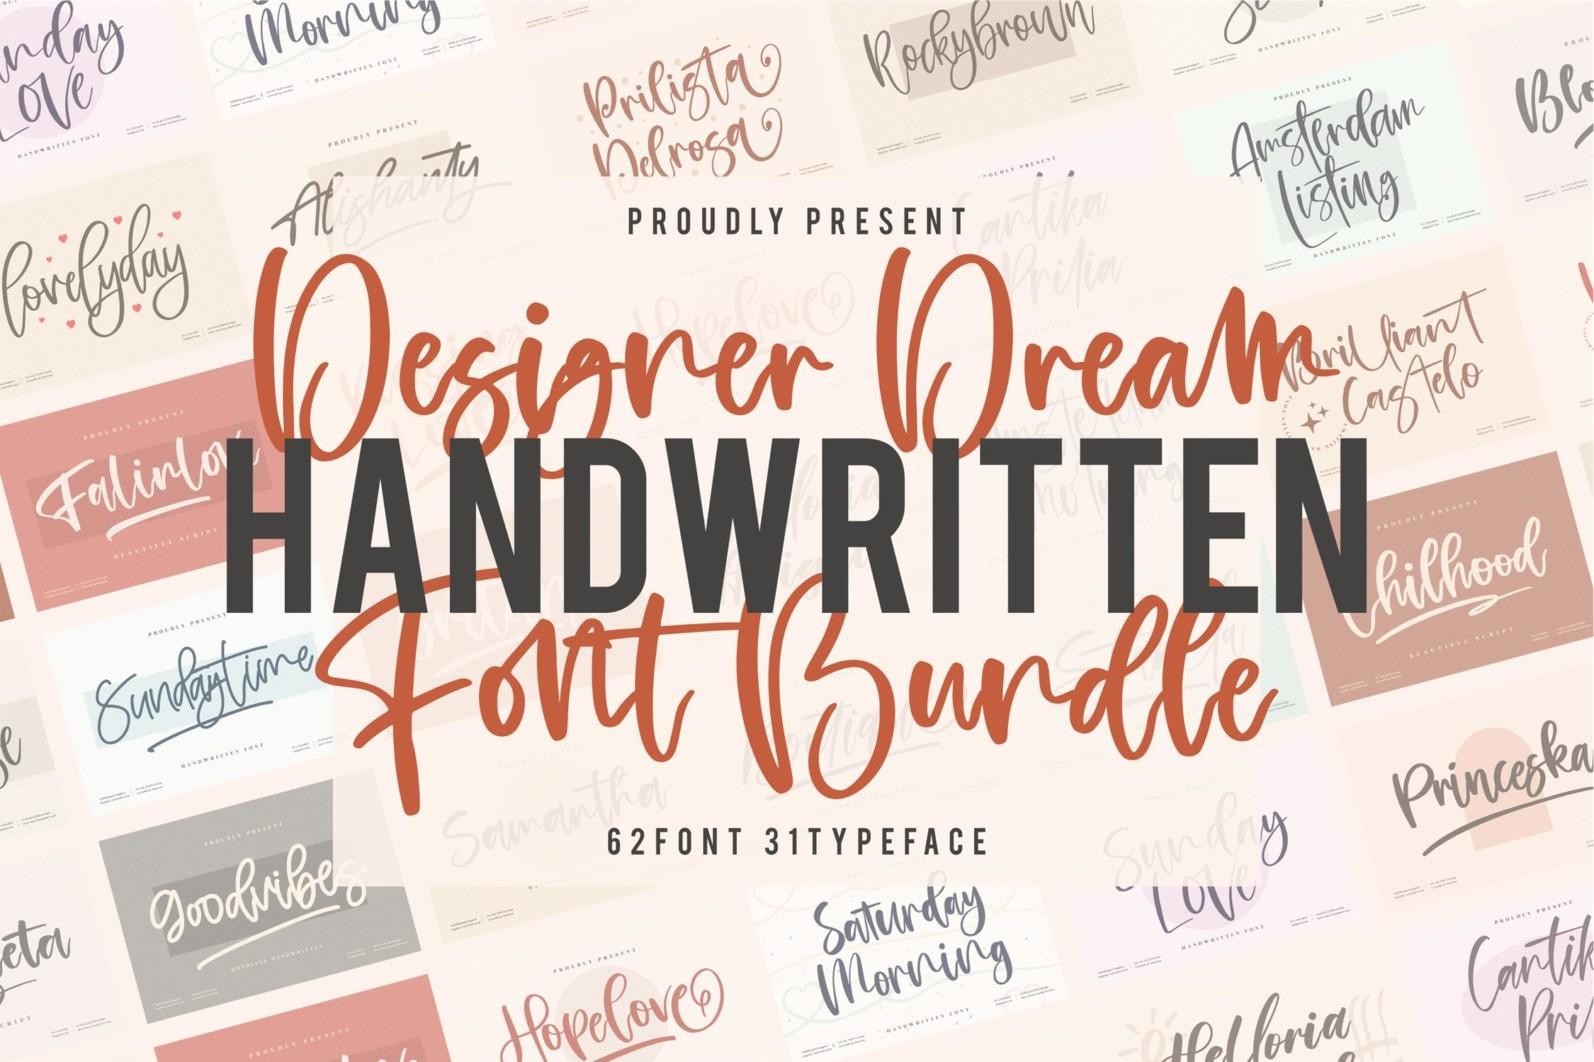 SALE! Handwritten Font Bundle from Perspectype Studio - 1 401 -